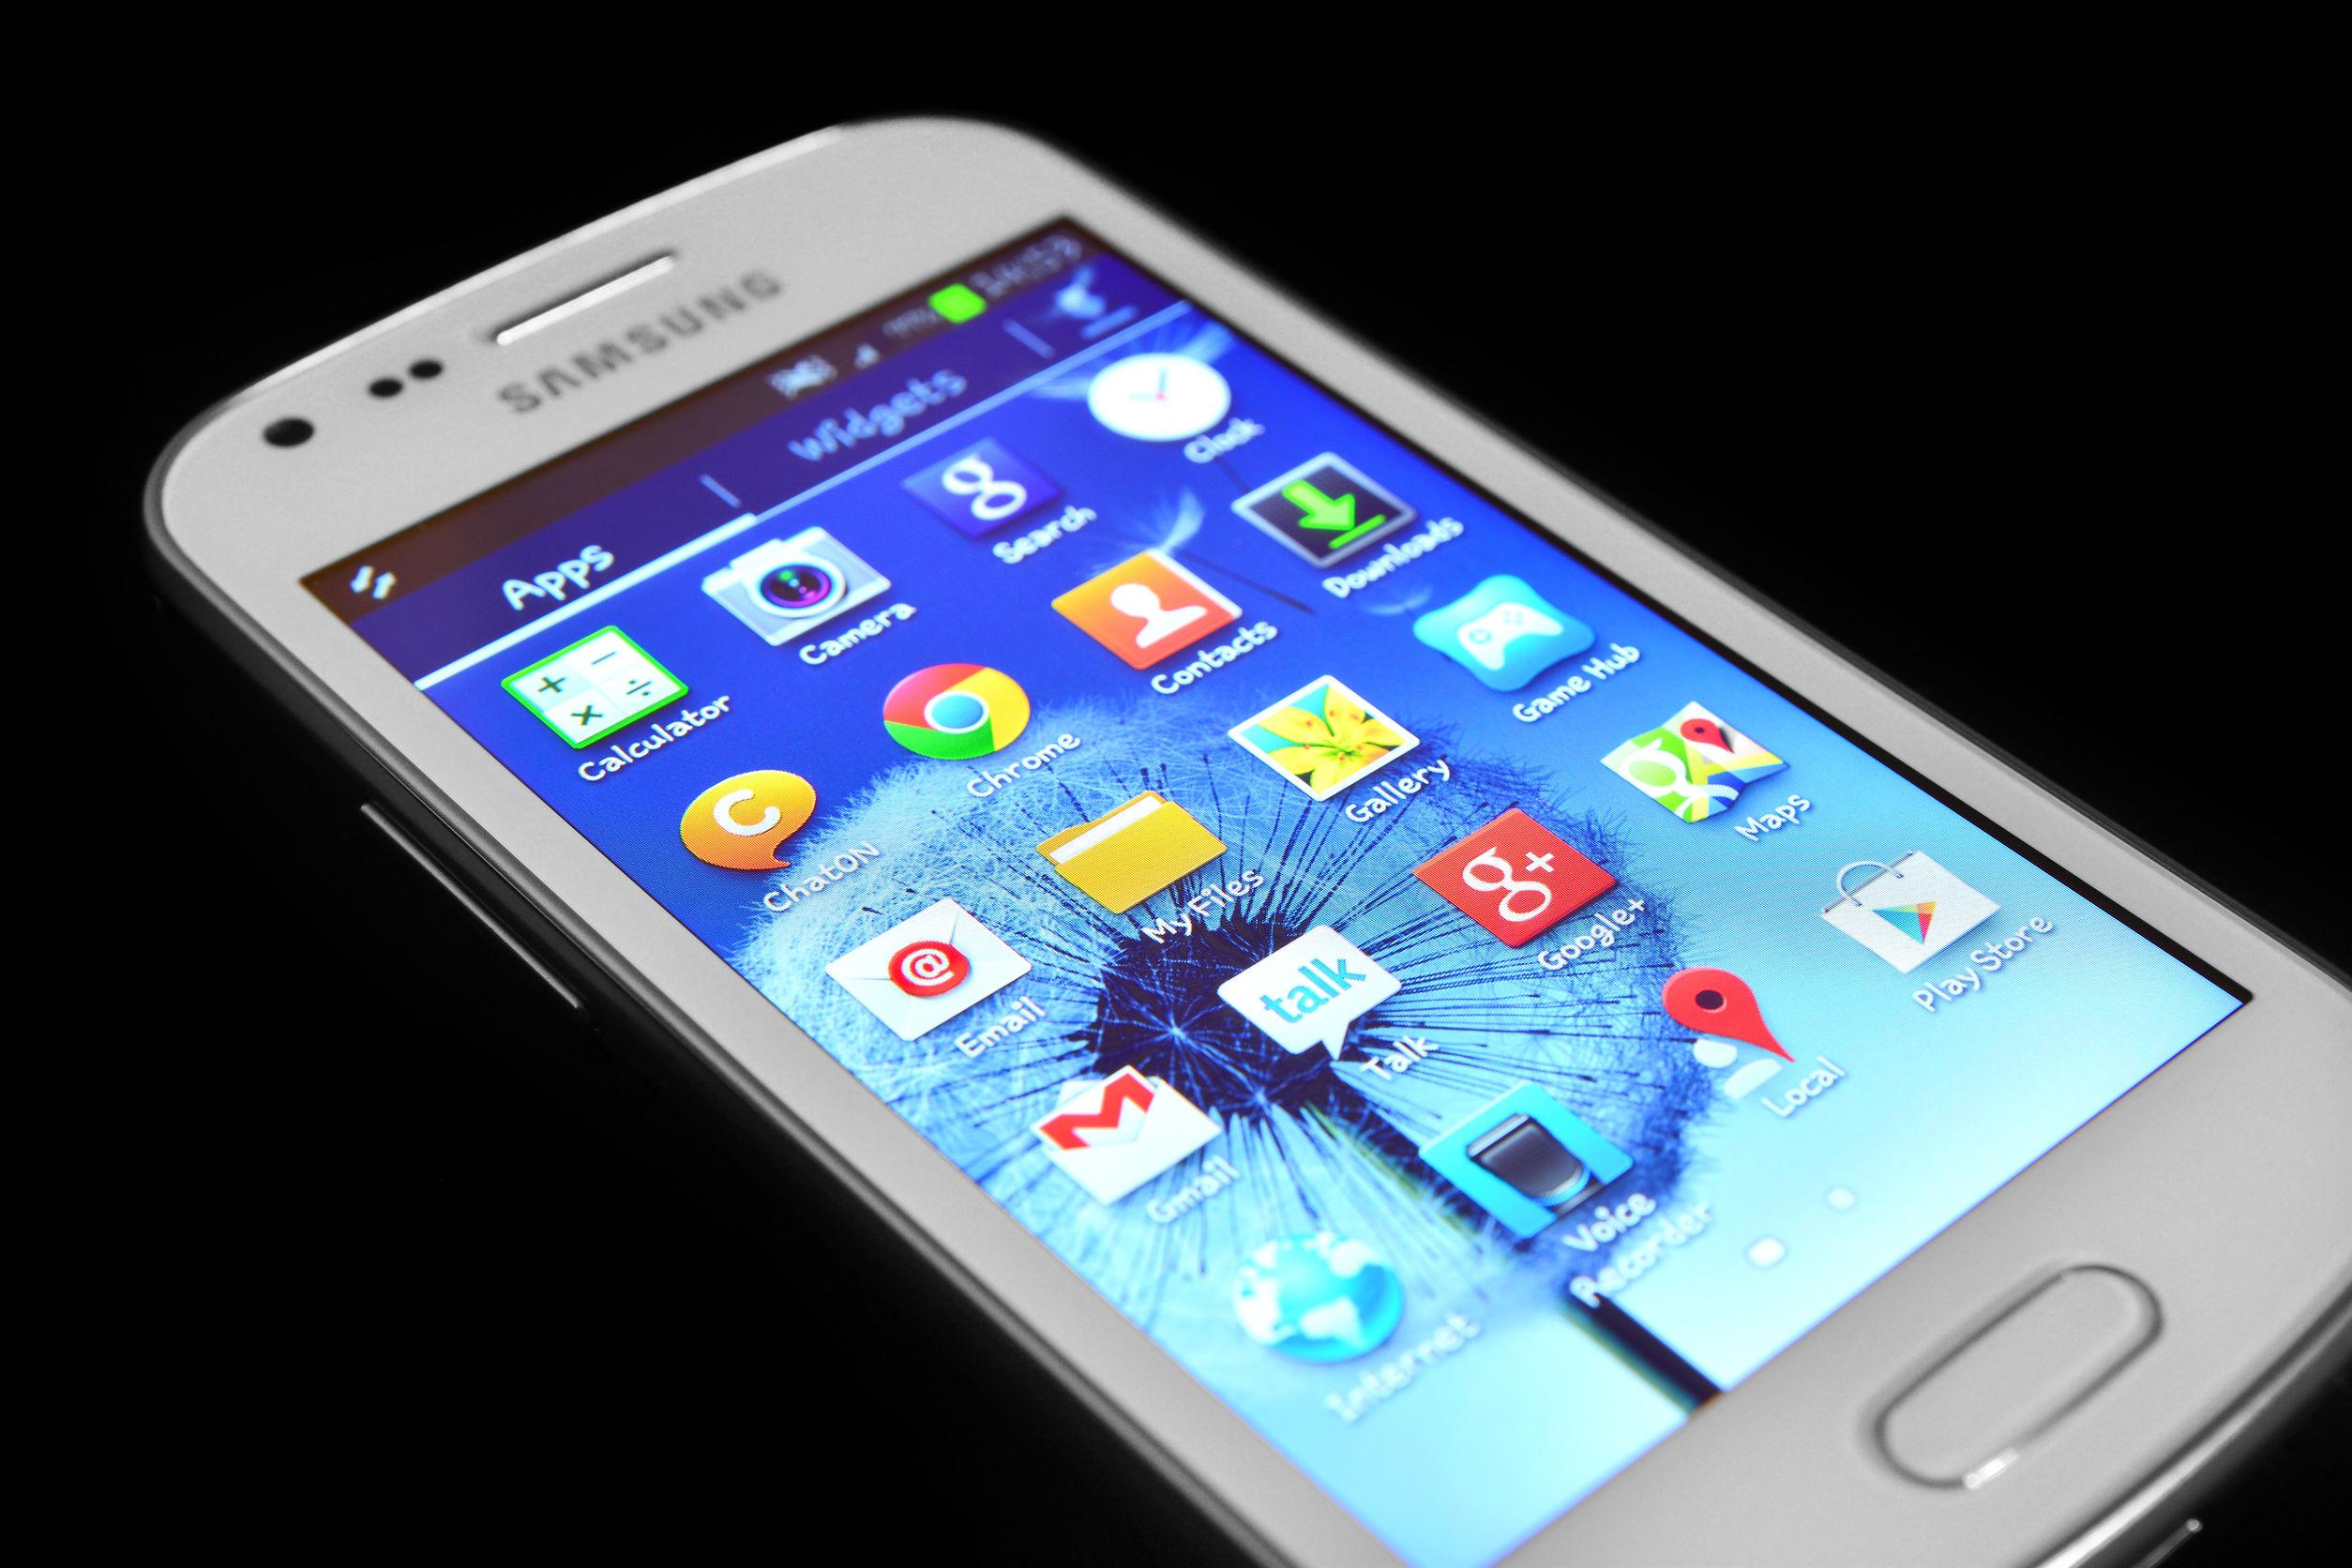 Celular Samsung barato: Quais os melhores de 2020?